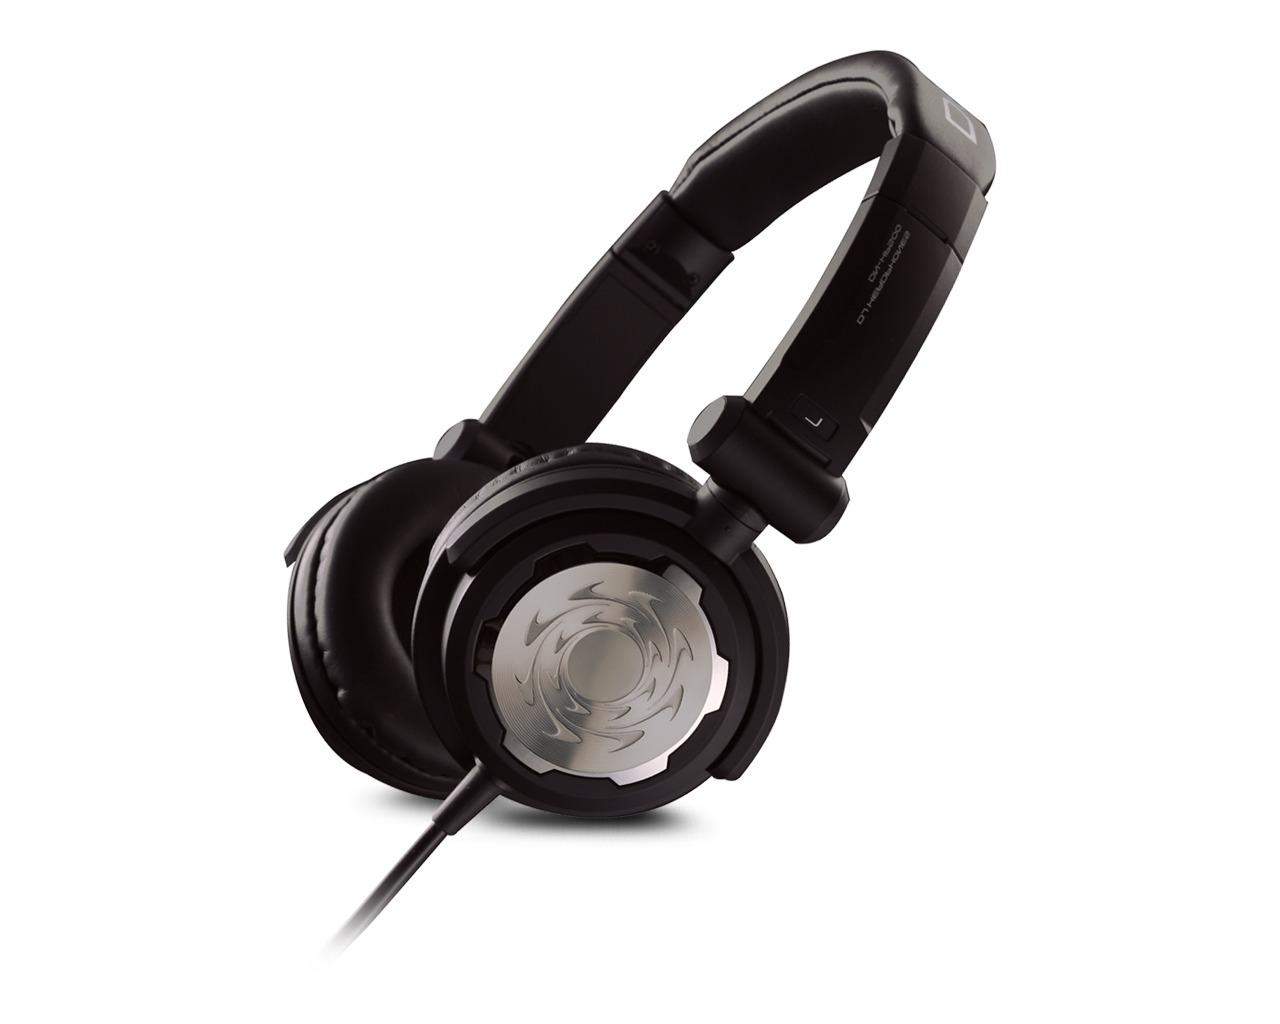 志達電子 DN-HP500 DENON DN HP500 耳罩式耳機 DJ 監聽專用 (天龍馬蘭士公司貨,可試聽)